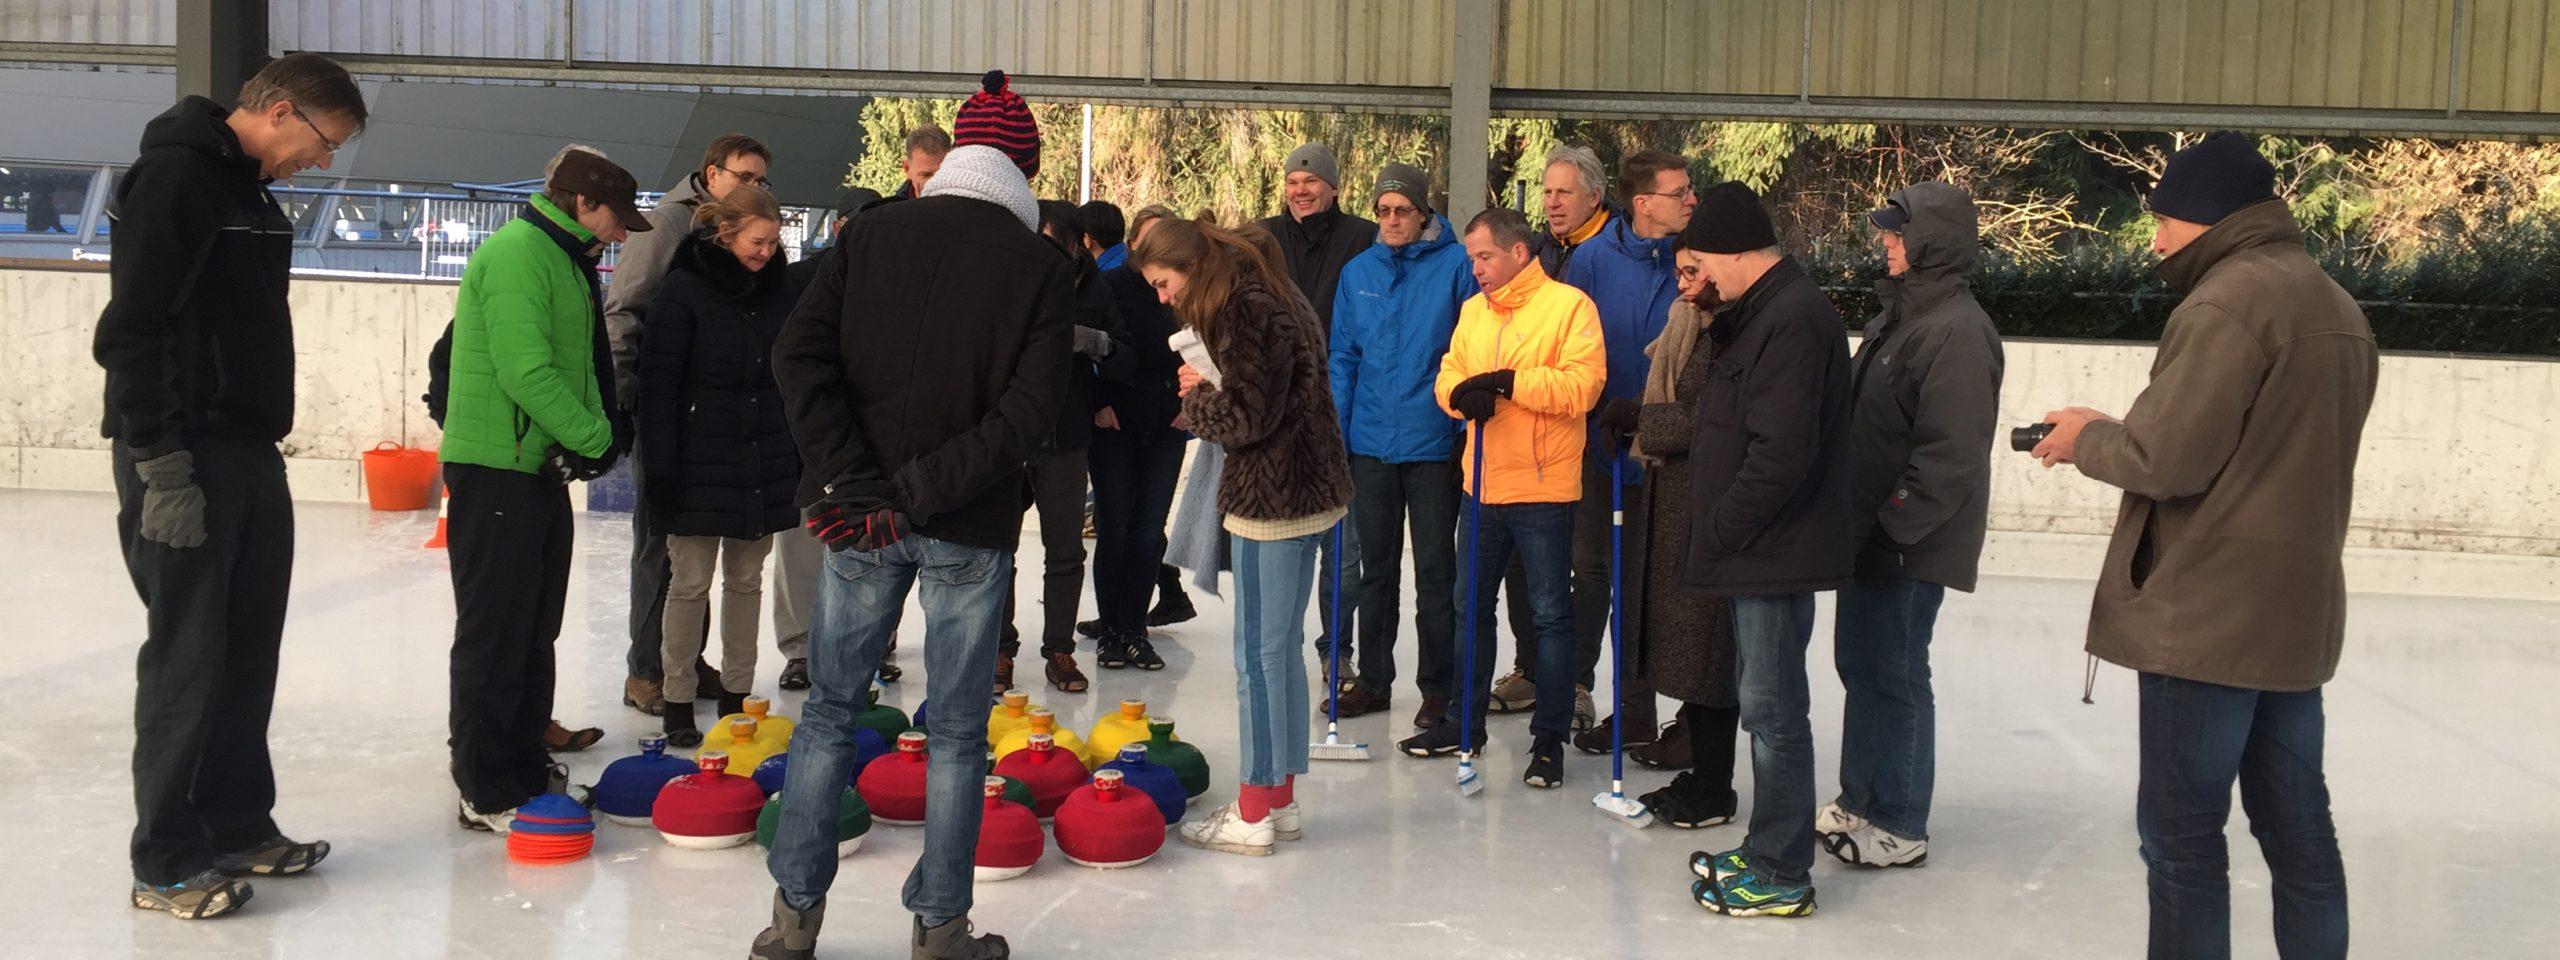 Fun curling tilburg/breda 4